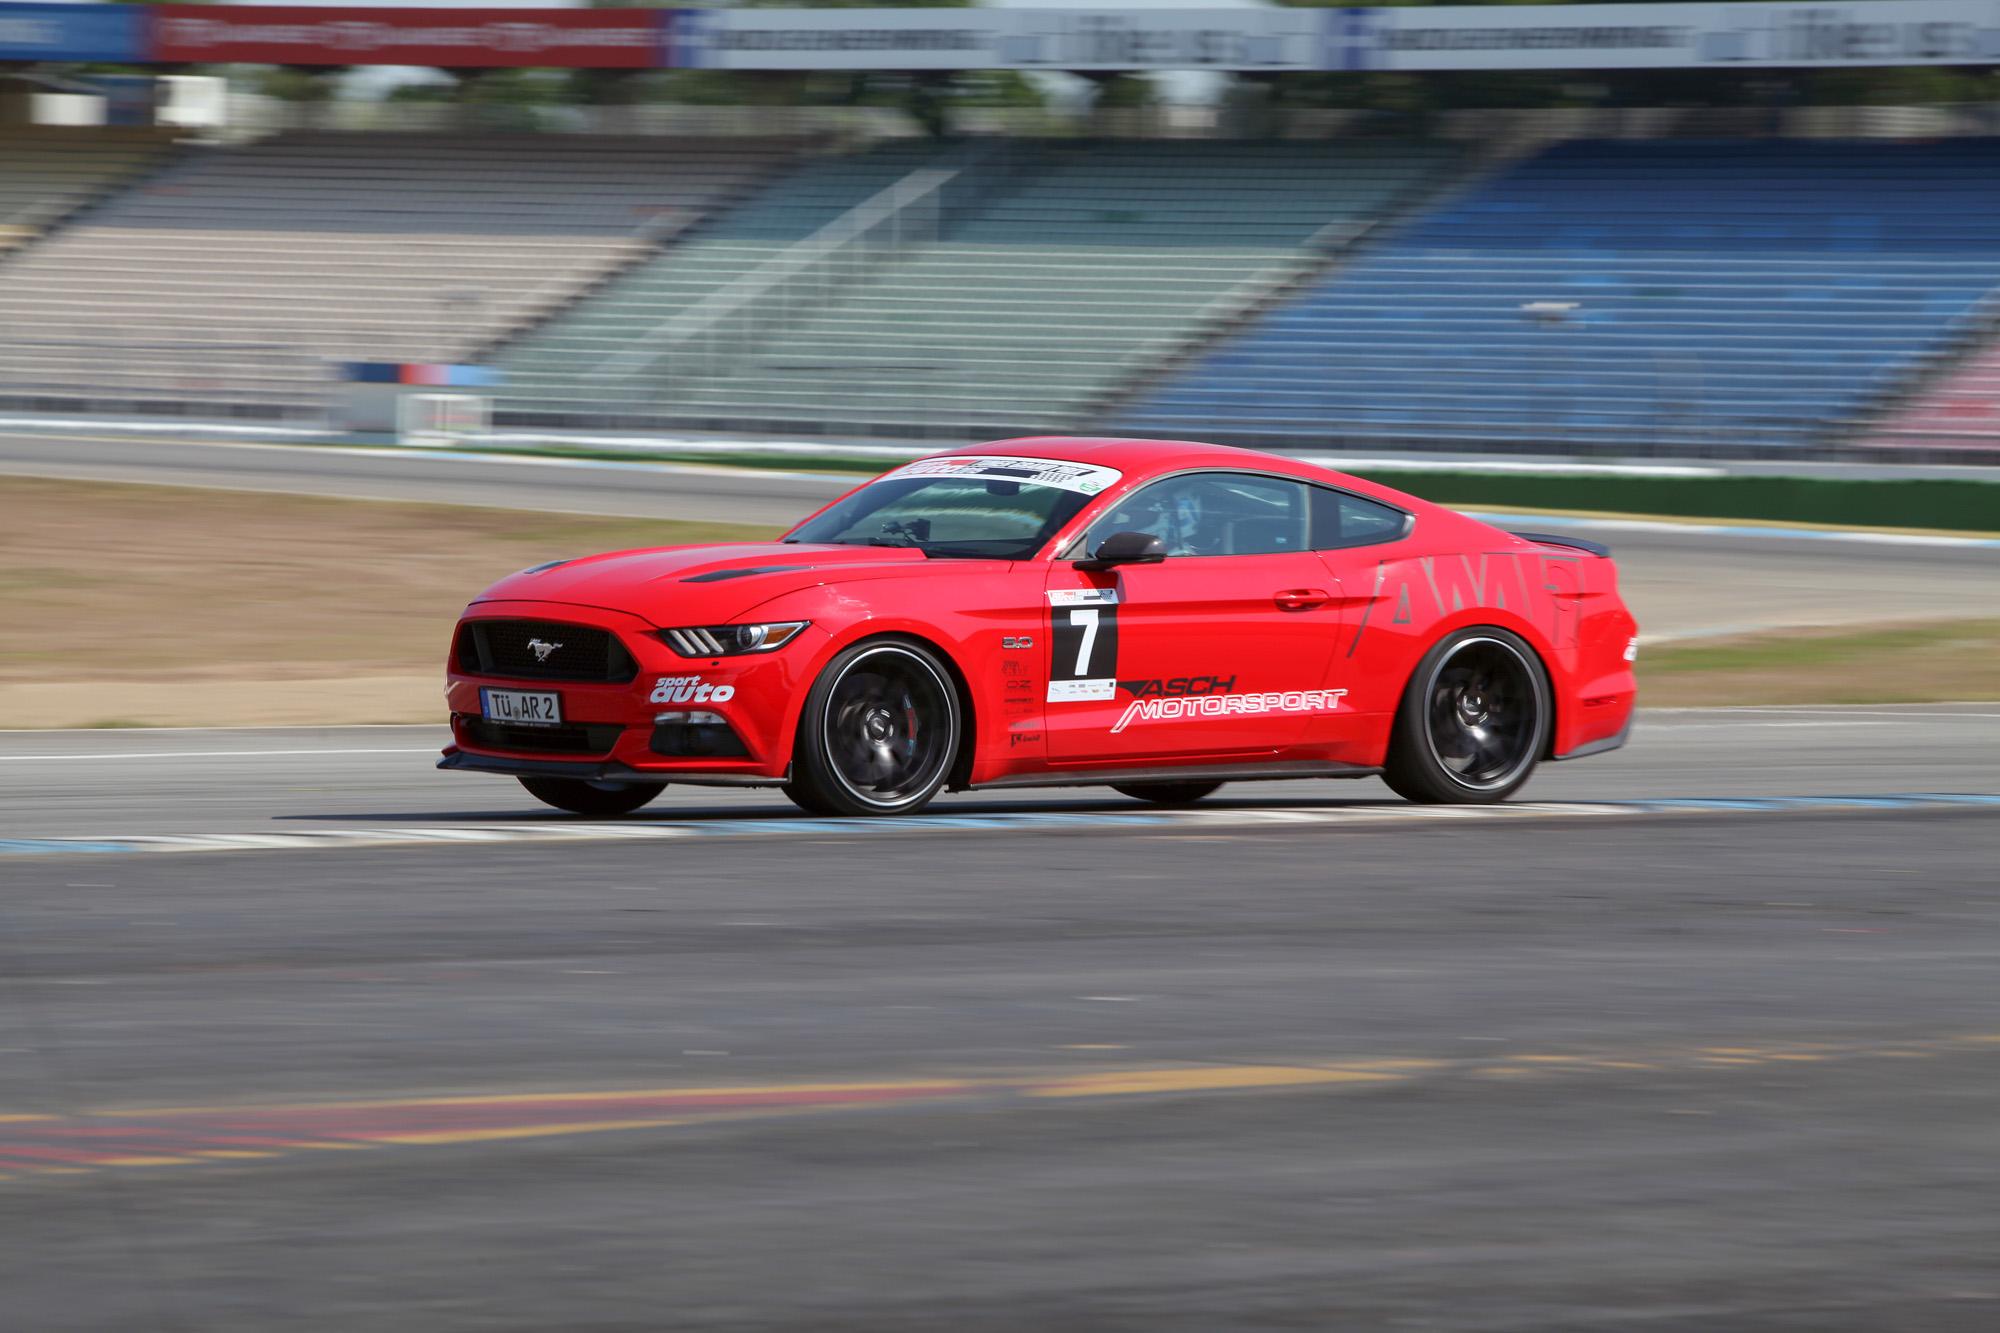 """Dank des neuen Clubsport-Fahrwerks kann der Ford Mustang auch etwas in die """"Hocke"""" gehen."""